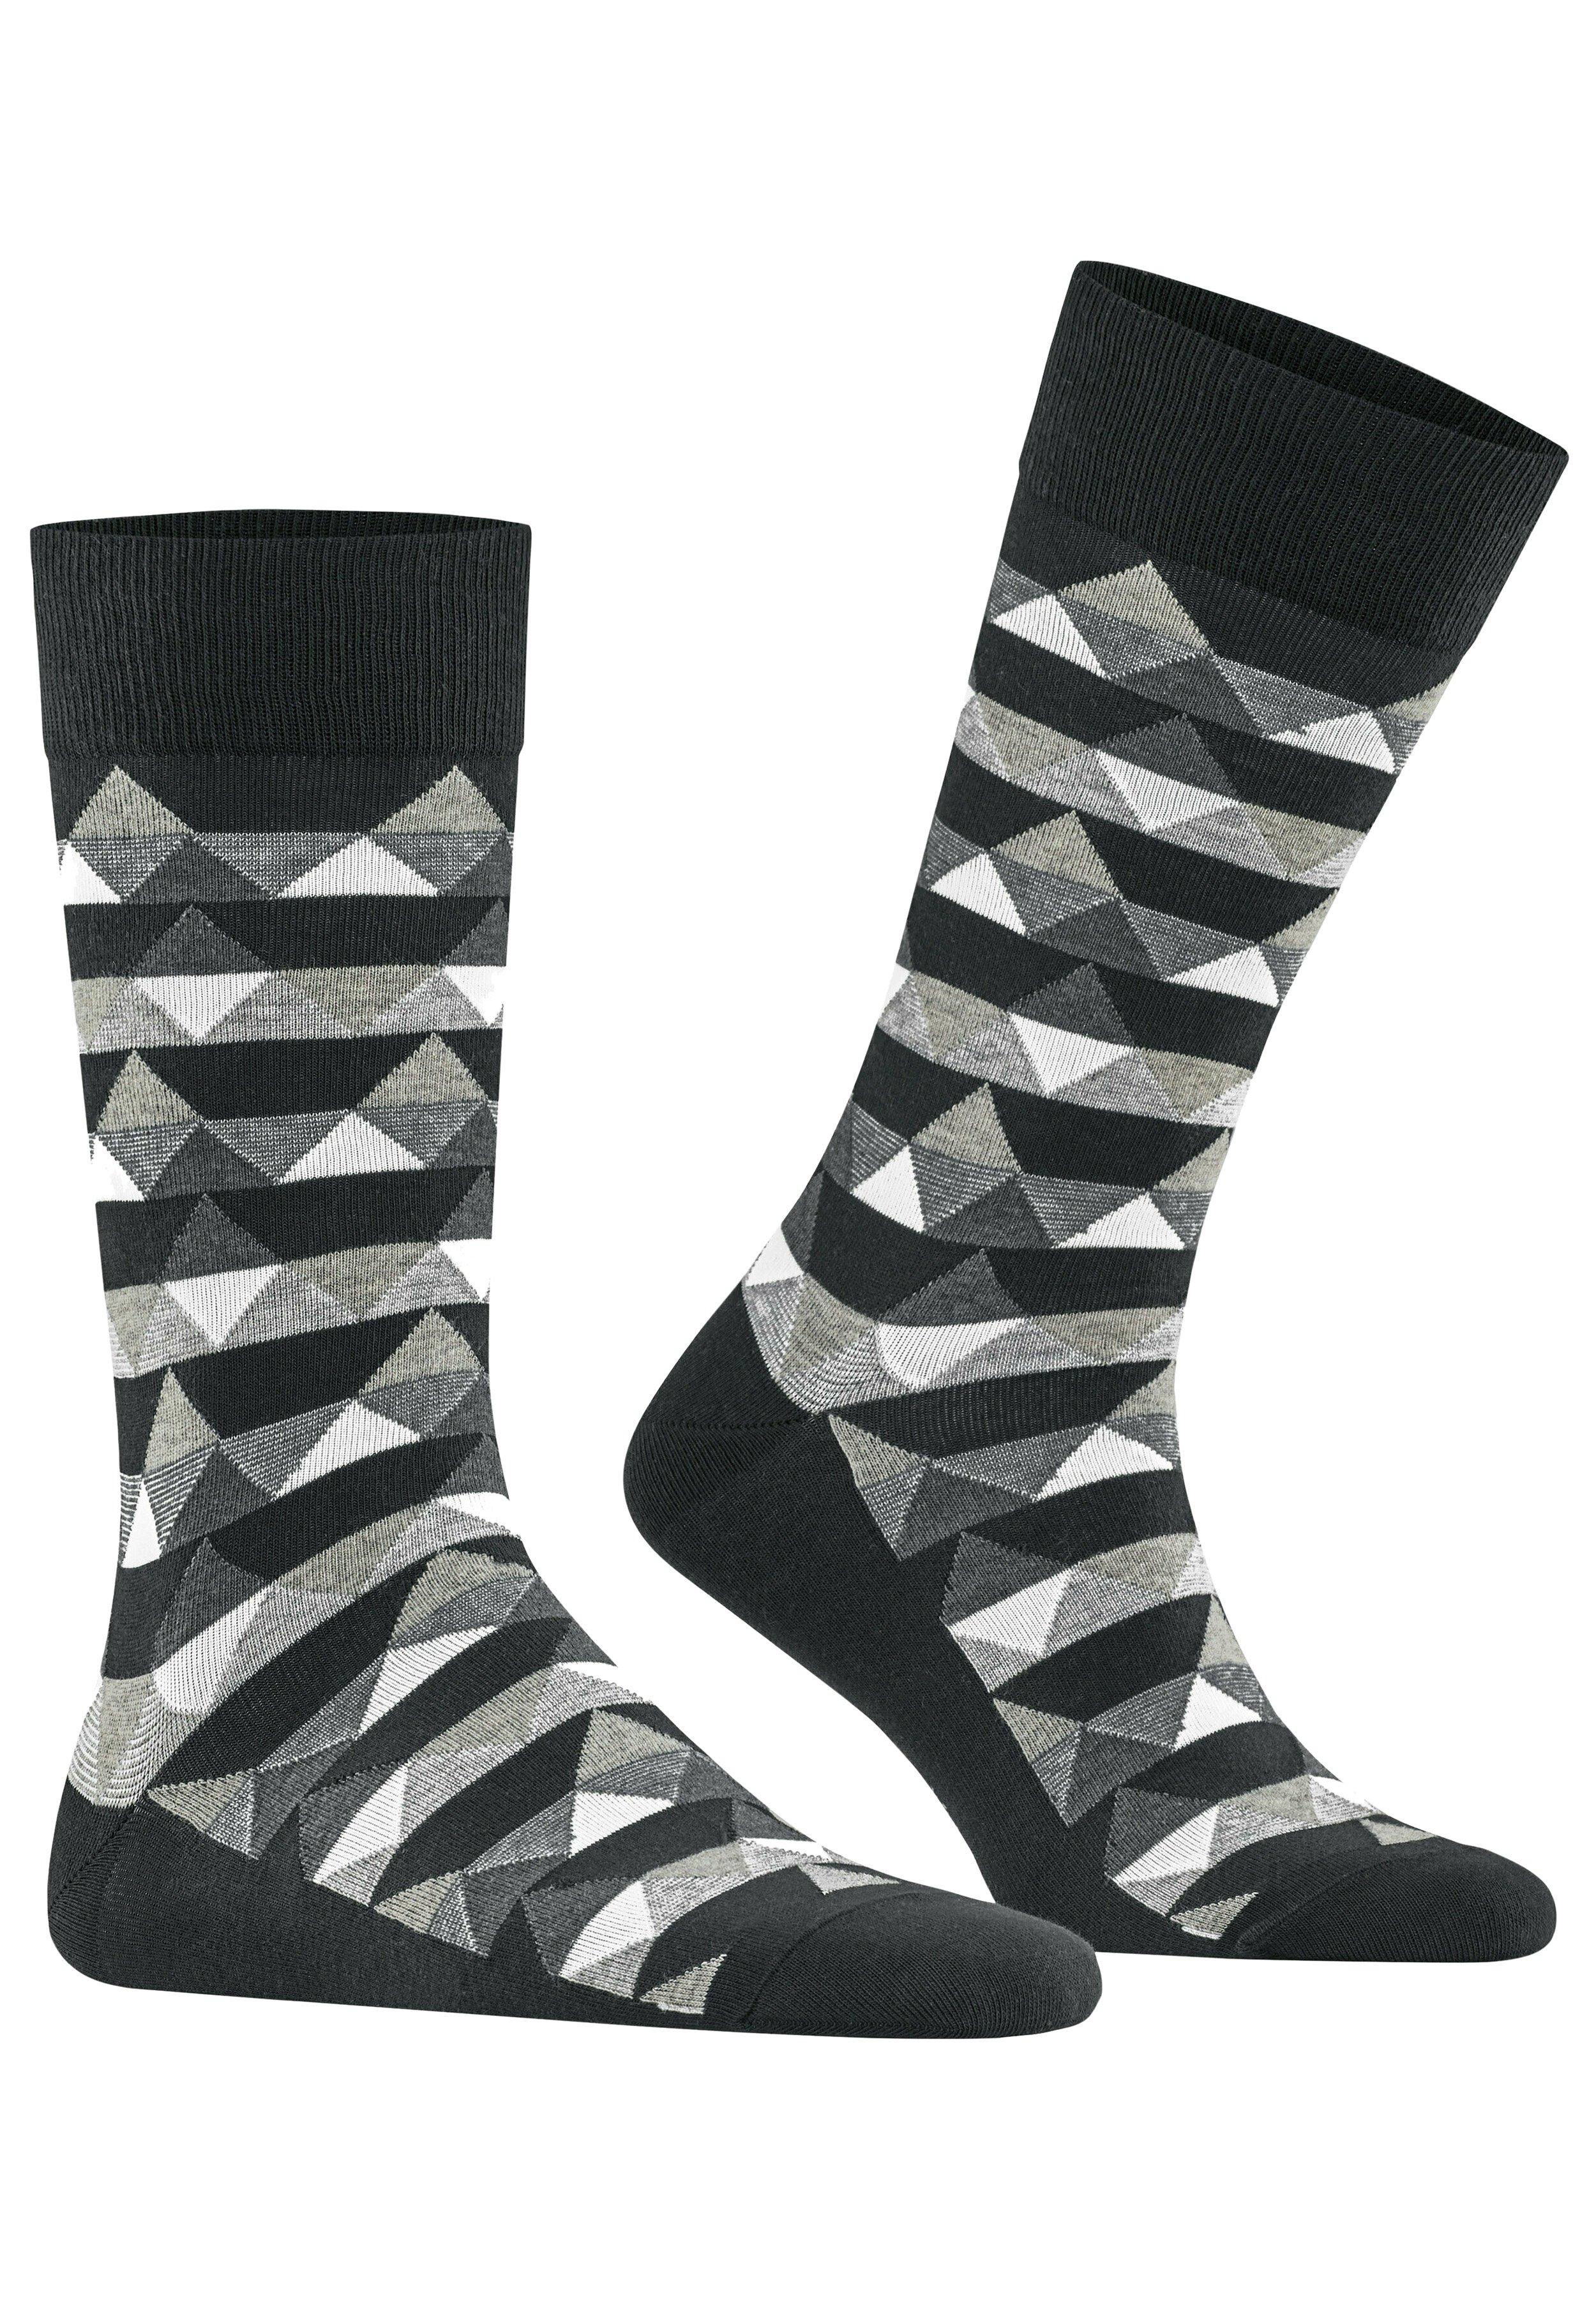 Herren MOUNTAINS RHOMB - Socken - black